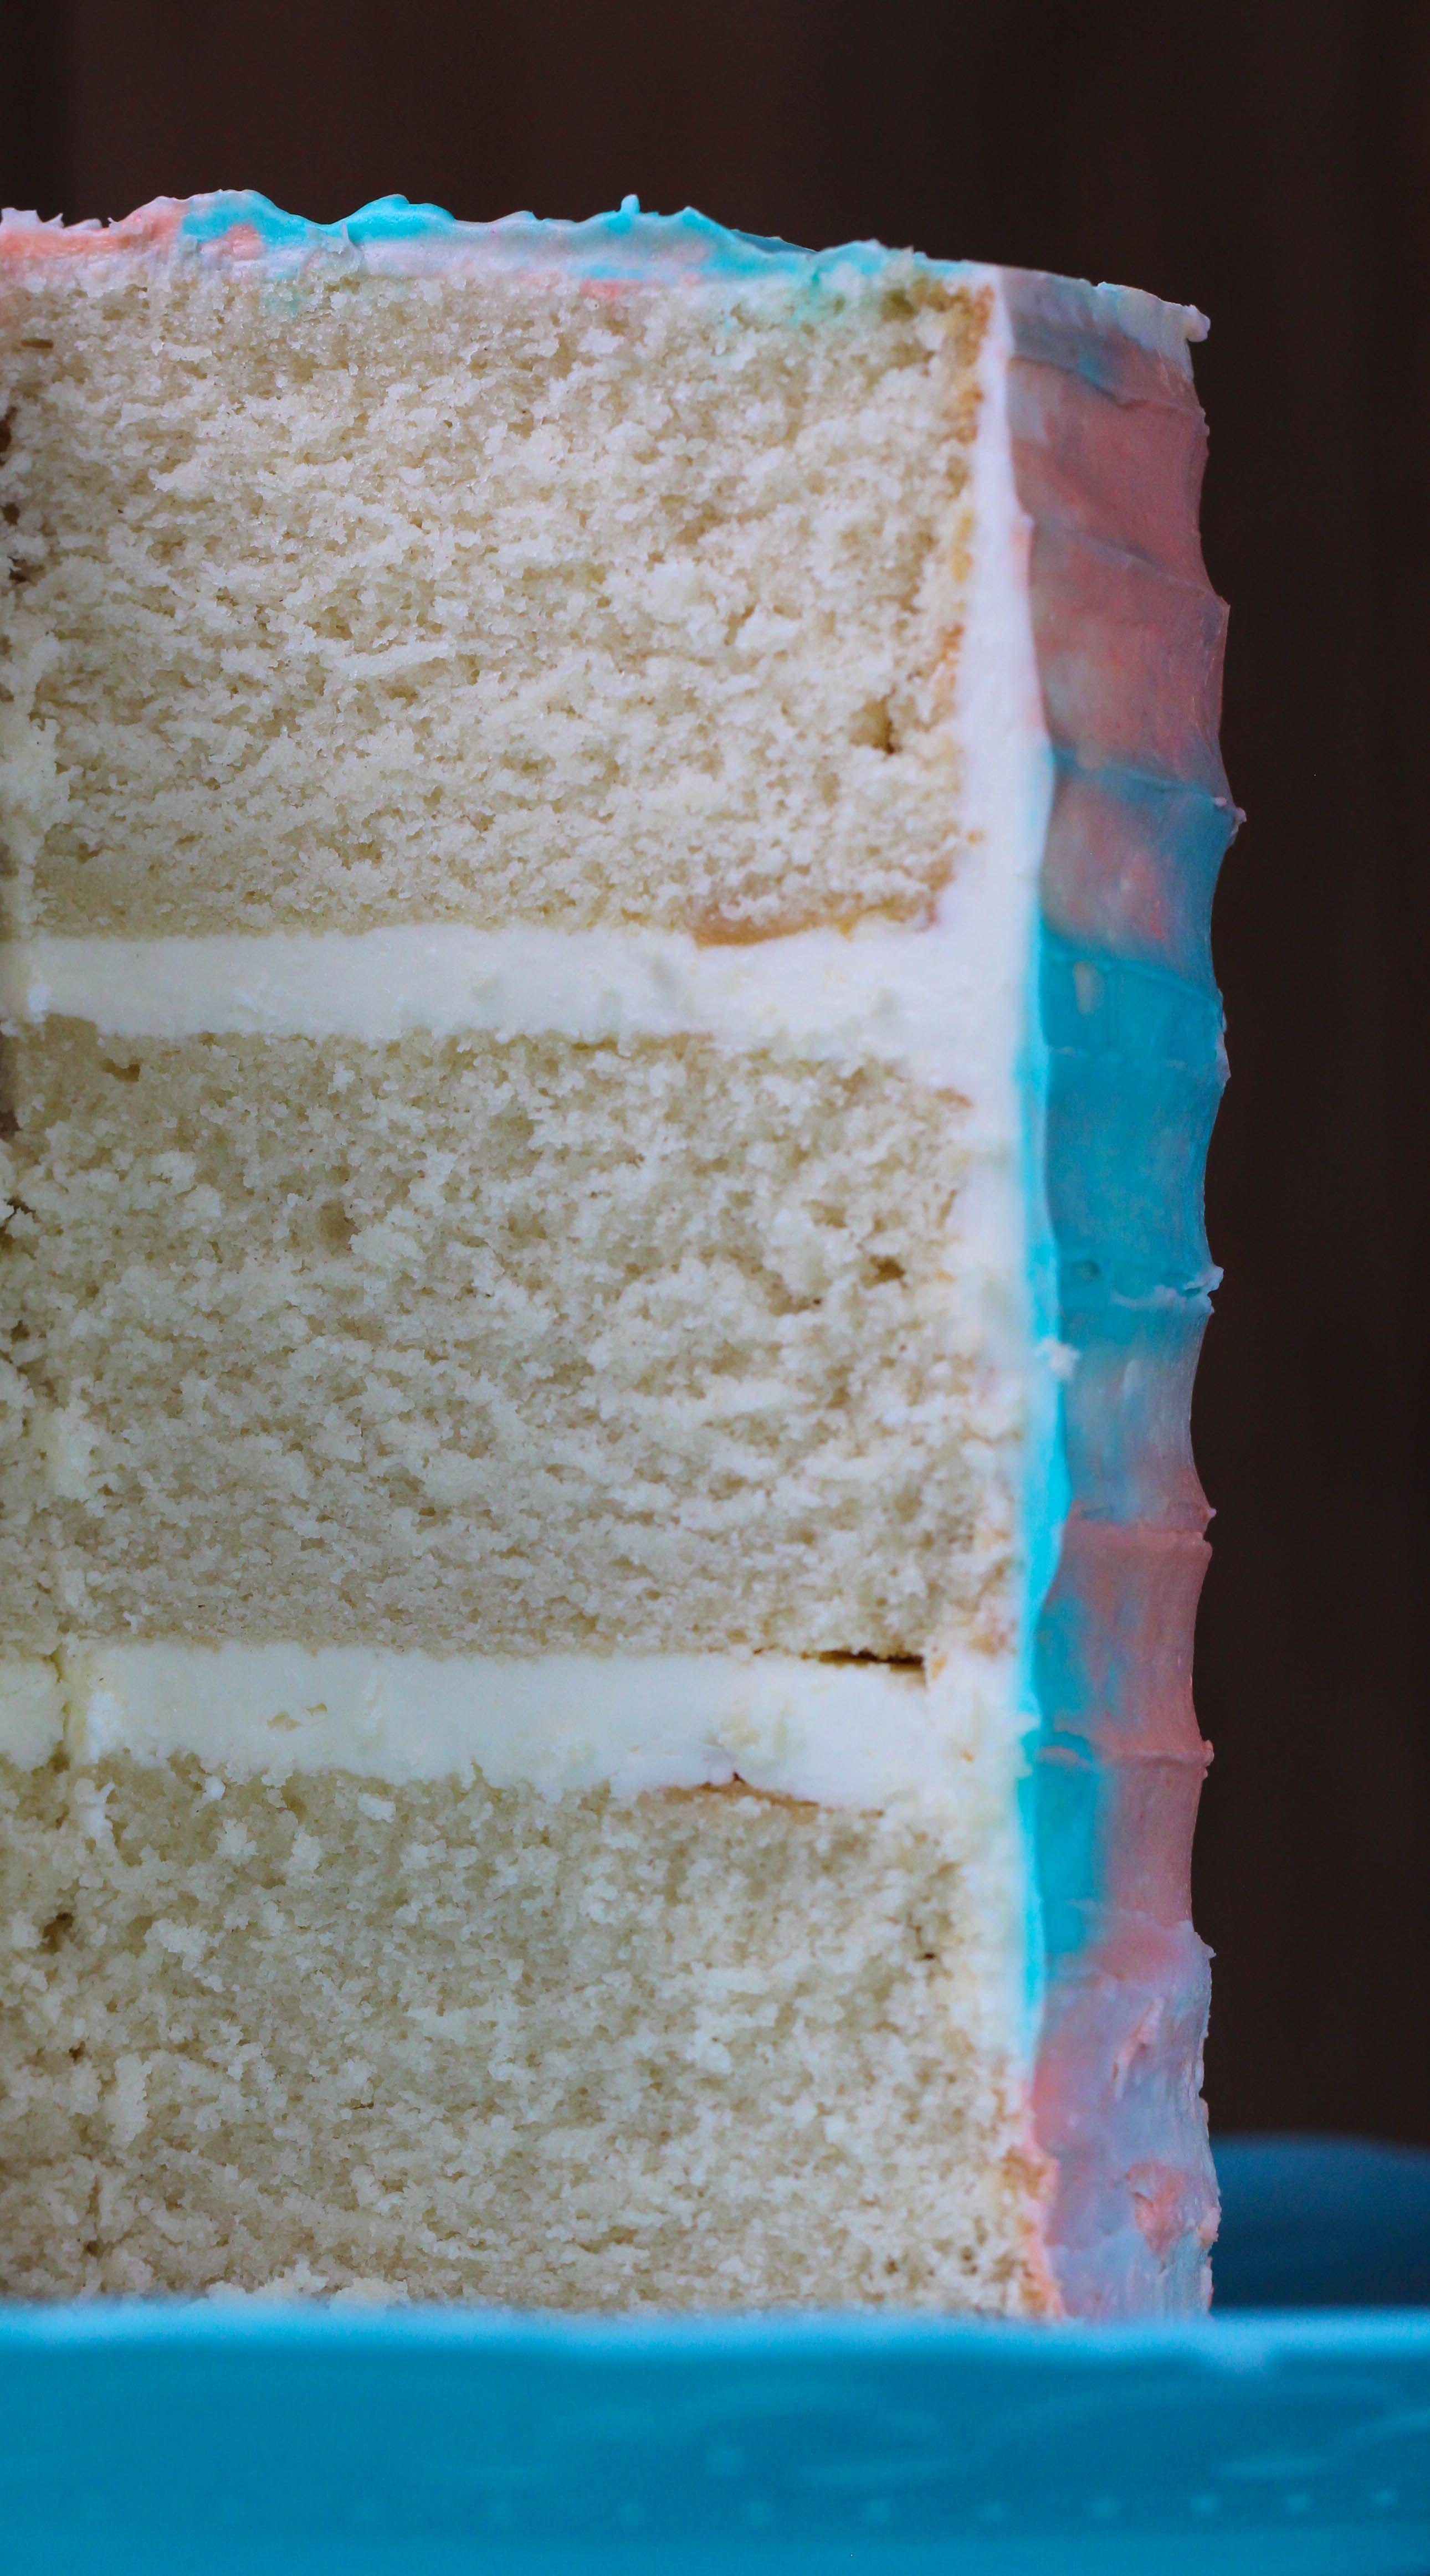 Vanilla Cake With Swiss Meringue Buttercream كيكة طبقات الفانيلا مع كريمة المارينق السويسري Sweets Cake Desserts